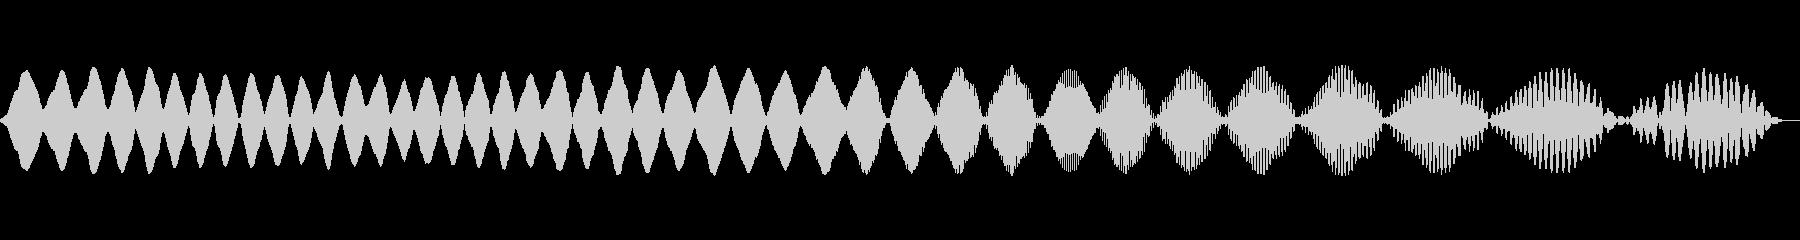 電子パルス2の未再生の波形